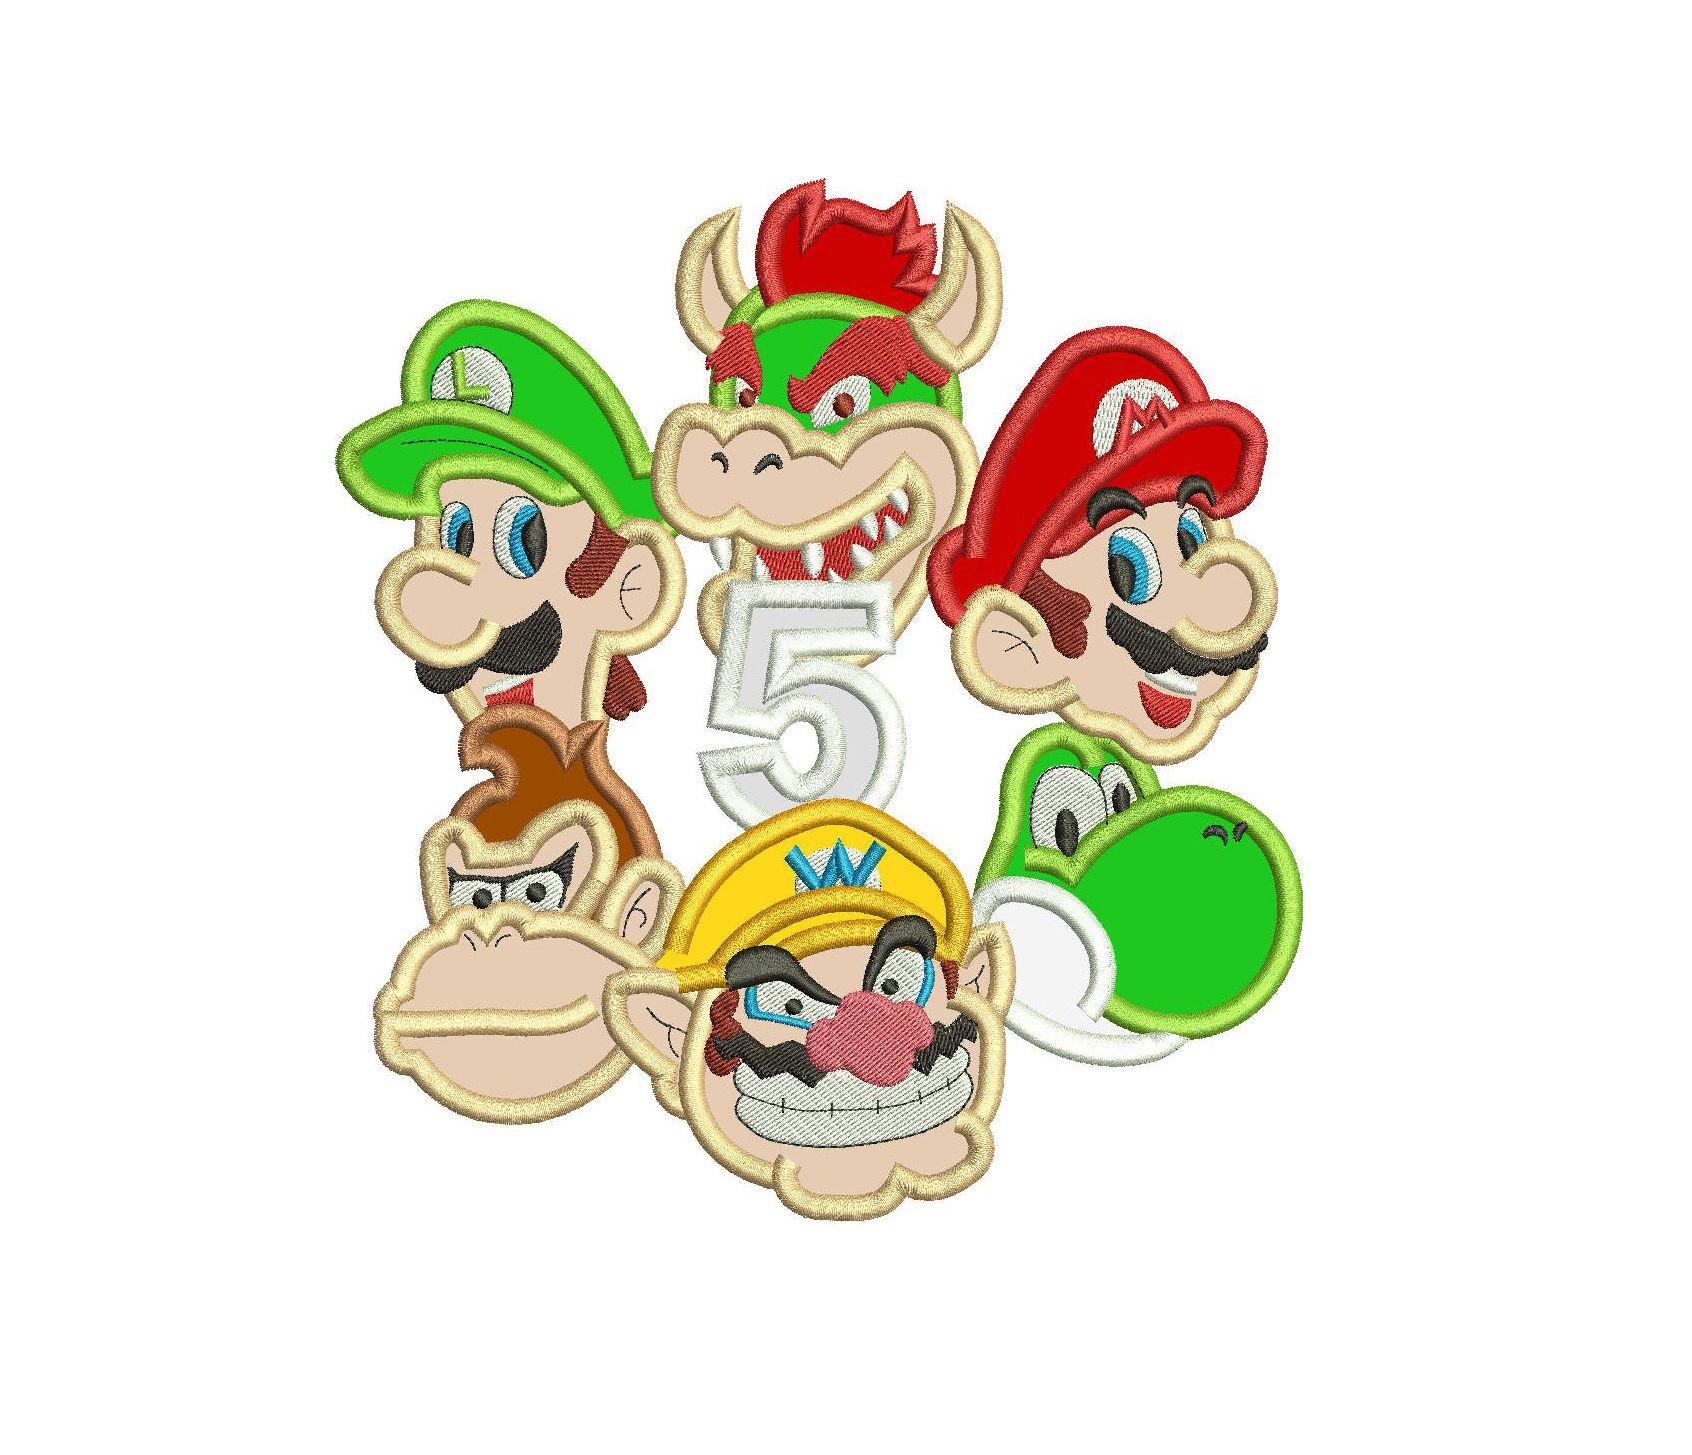 Super Mario Applique Design Mario Luigi Donkey Kong Yoshi Wario And Bowser Applique Applique Designs Mario And Luigi Donkey Kong